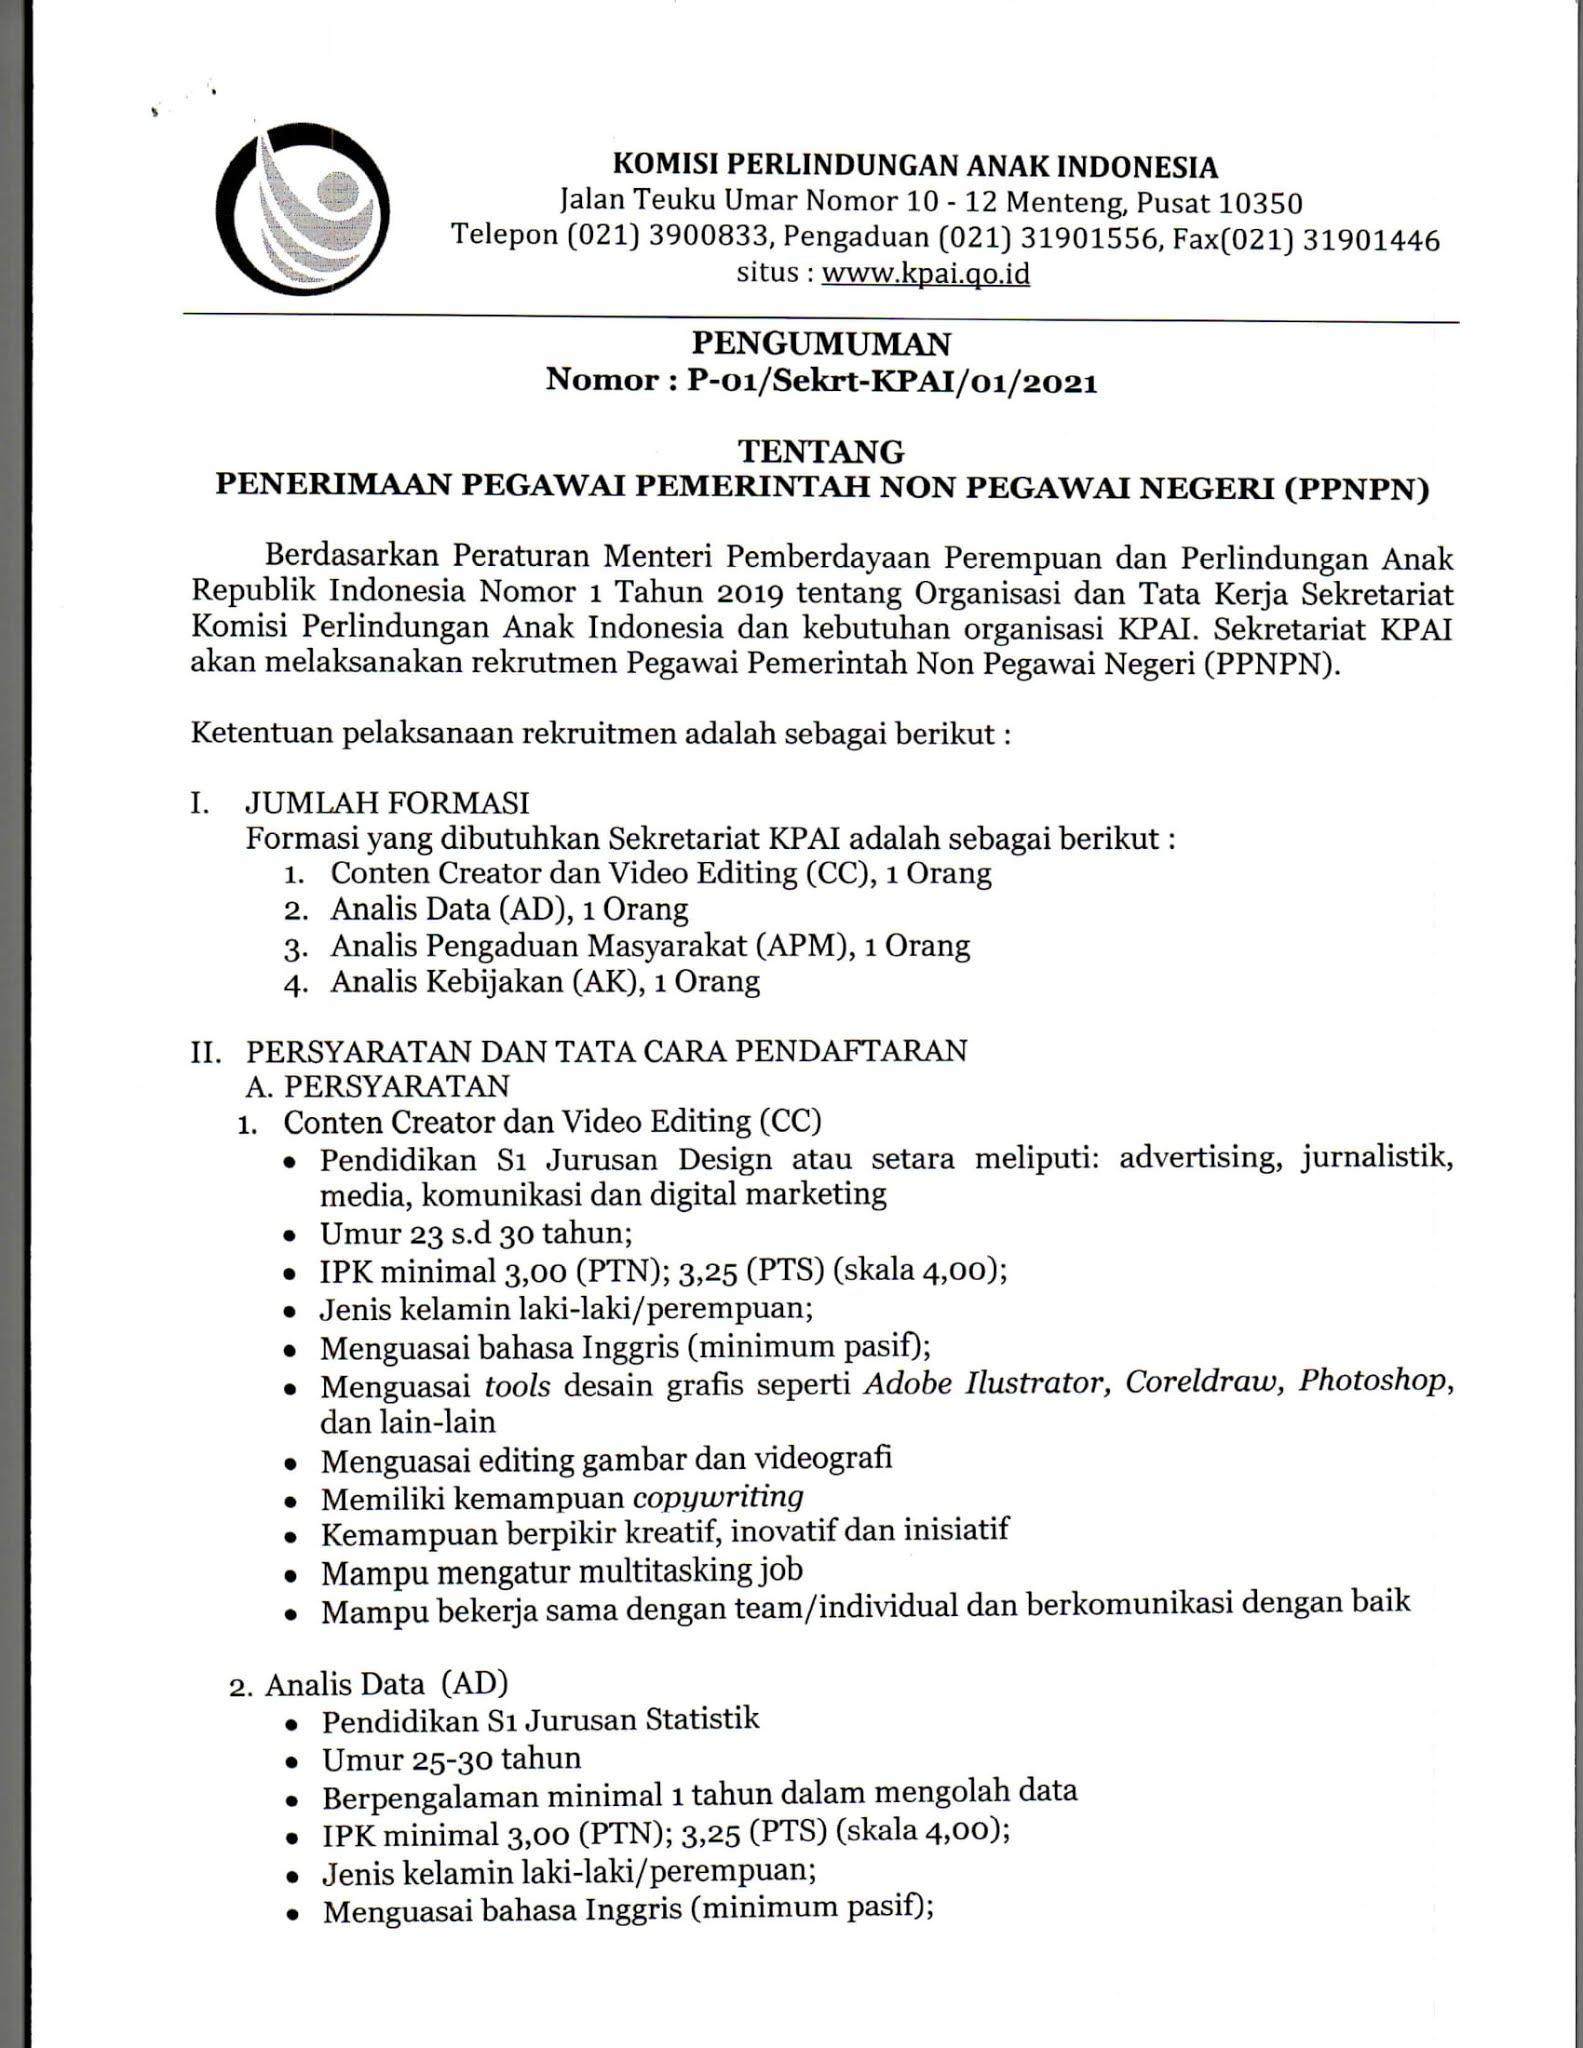 Lowongan Kerja PPNPN Komisi Perlindungan Anak Indonesia (KPAI) Tahun 2021